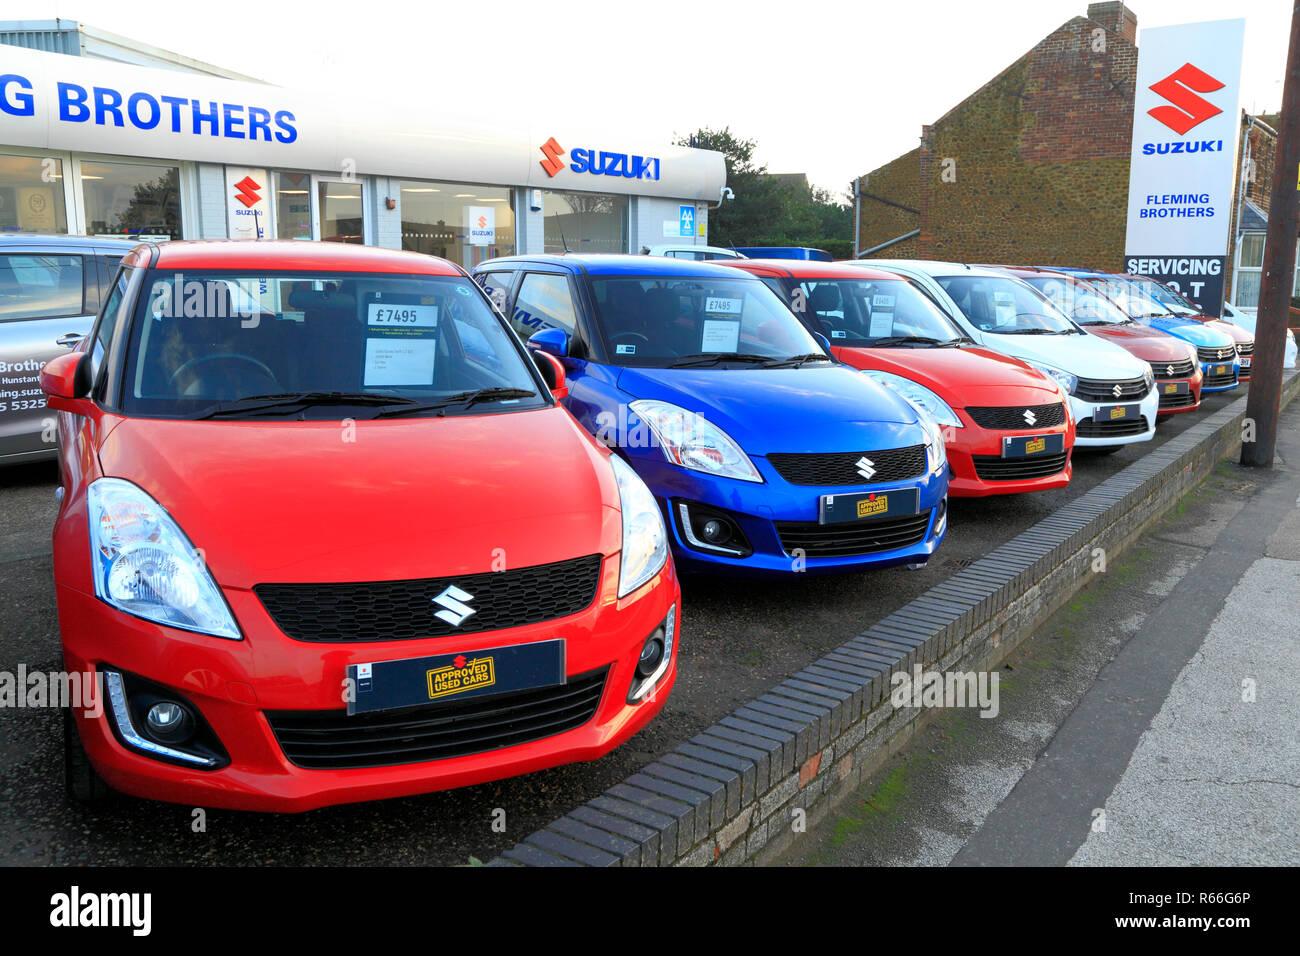 Suzuki, automobile, Fleming Frères, parvis, concessionnaire principal, du concessionnaire, location, achat, Hunstanton, Norfolk, UK, couleurs primaires Photo Stock